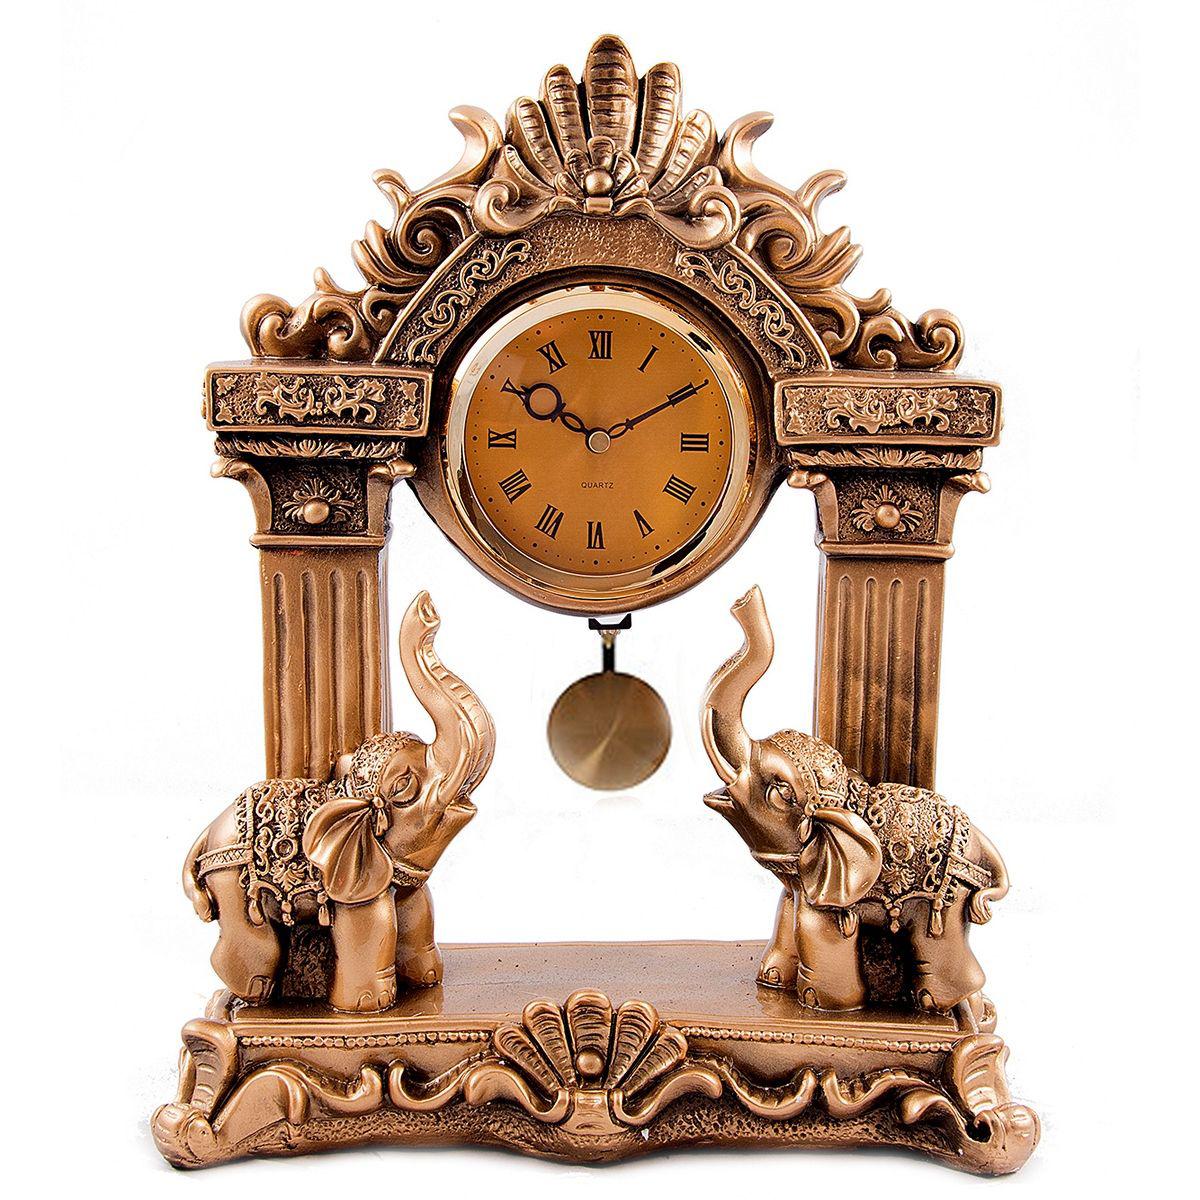 Часы настольные Русские Подарки Слоны, 30 х 13 х 37 см. 5933359333Настольные часы Русские подарки Слоны - очень оригинальные и стильные настольные часы. Корпус выполнен из полистоуна. Онипрекрасновпишутся практически влюбой интерьер и станут превосходным украшением вашей комнаты. Это красивый и практичный подарок на любое торжество для родных иблизких.